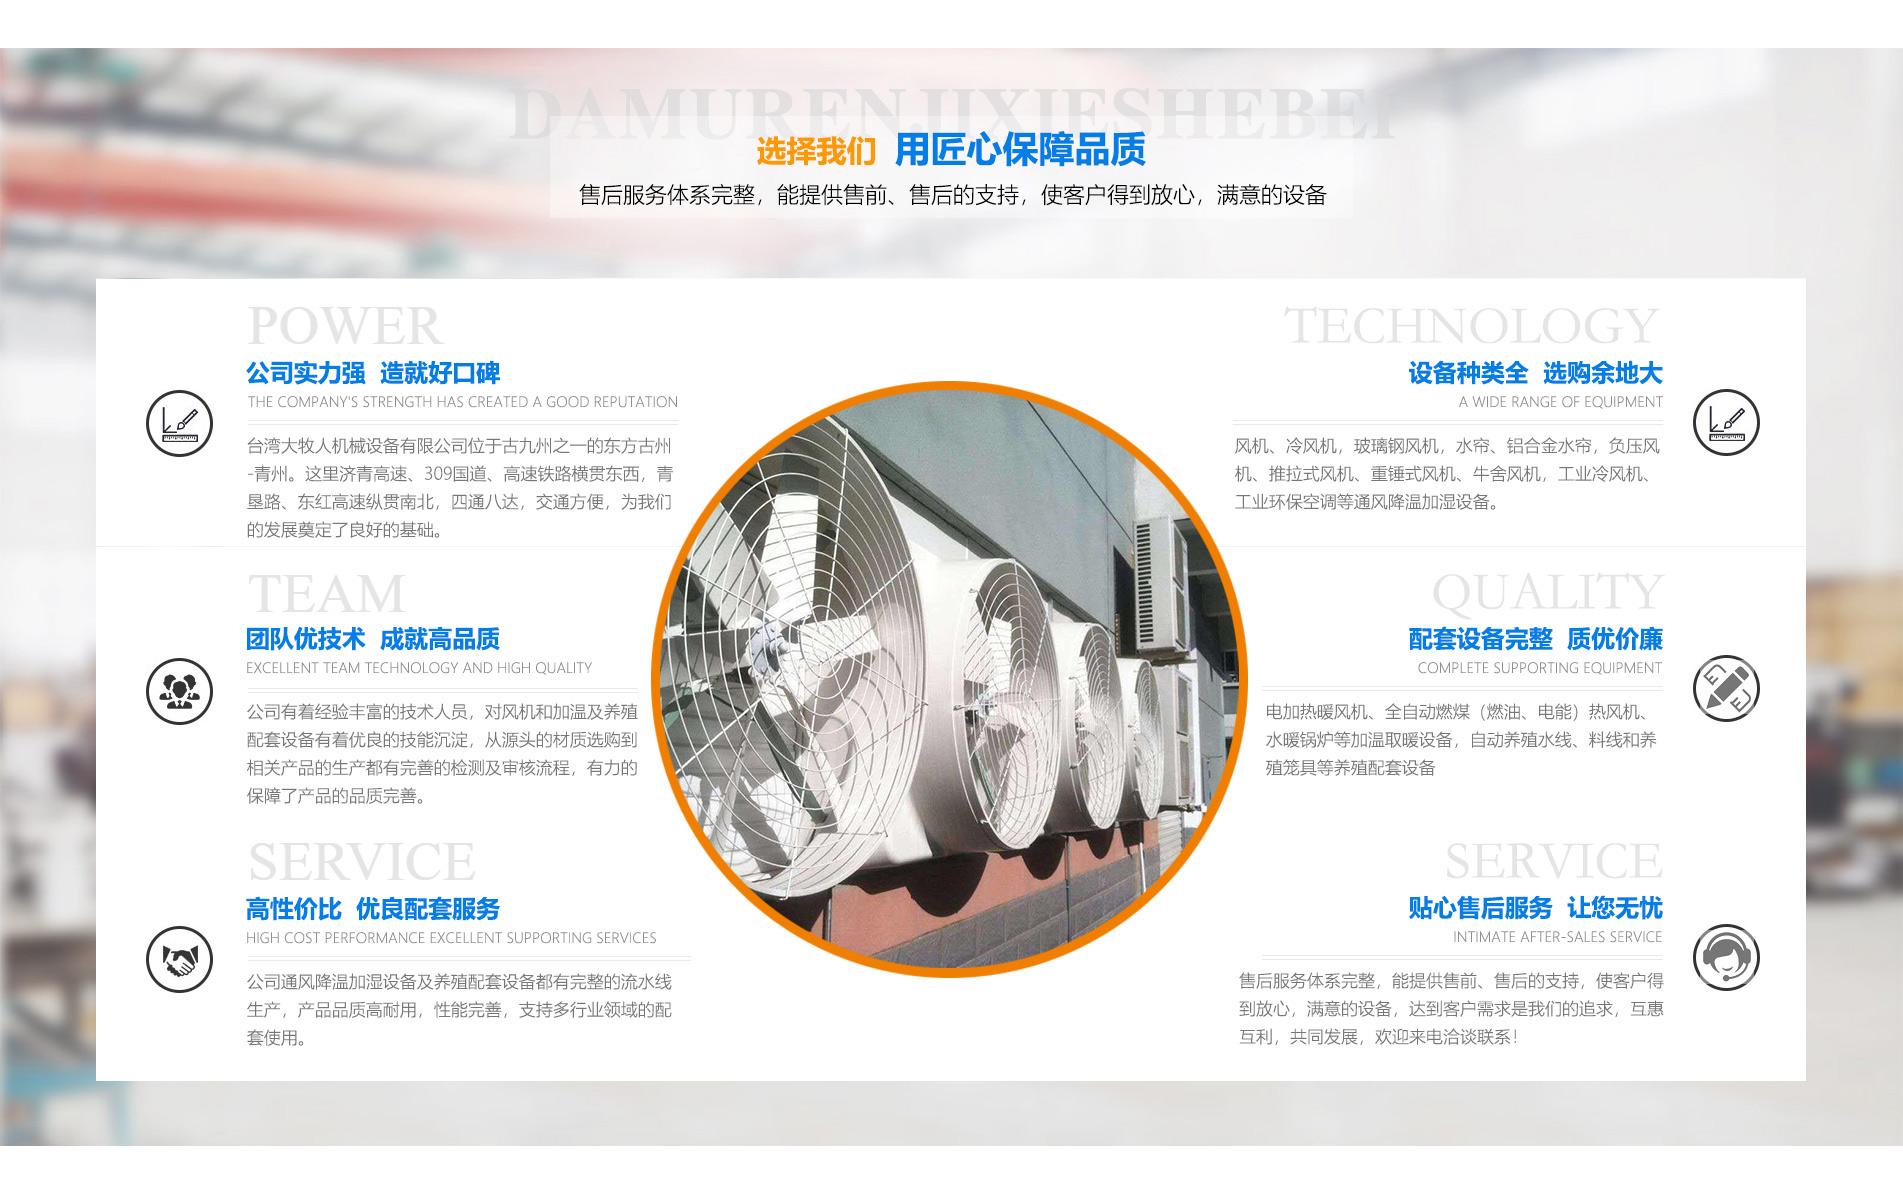 台湾大牧人机械设备有限公司服务理念